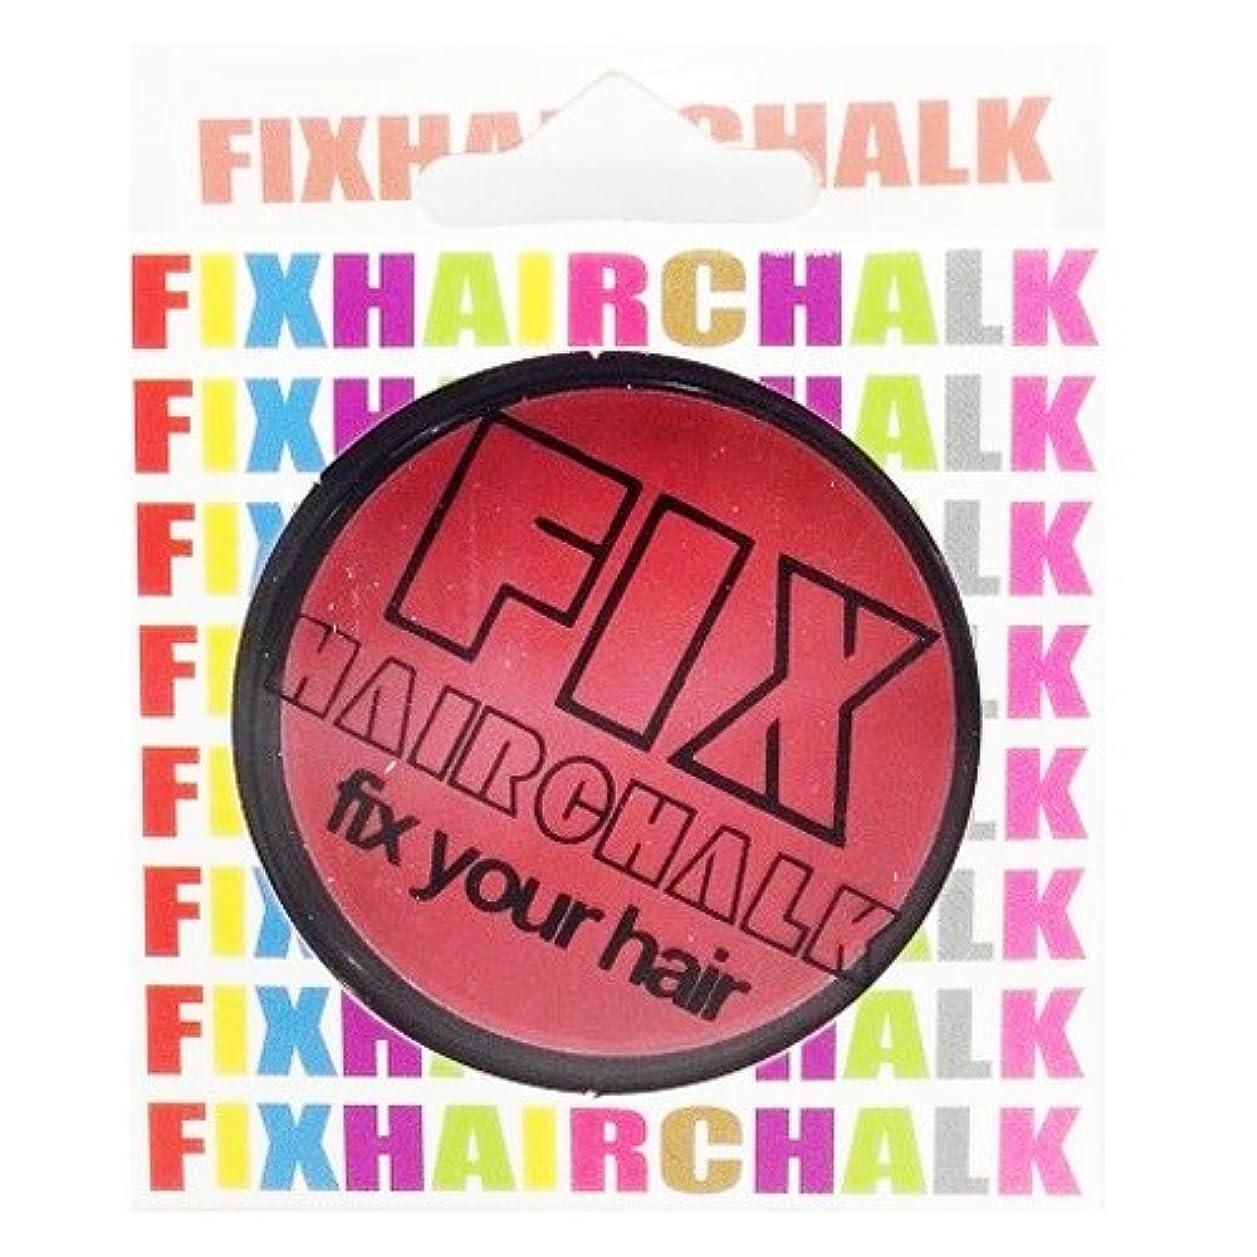 同性愛者一部公式FIX ヘアチョーク ピーチピンク 3.5g